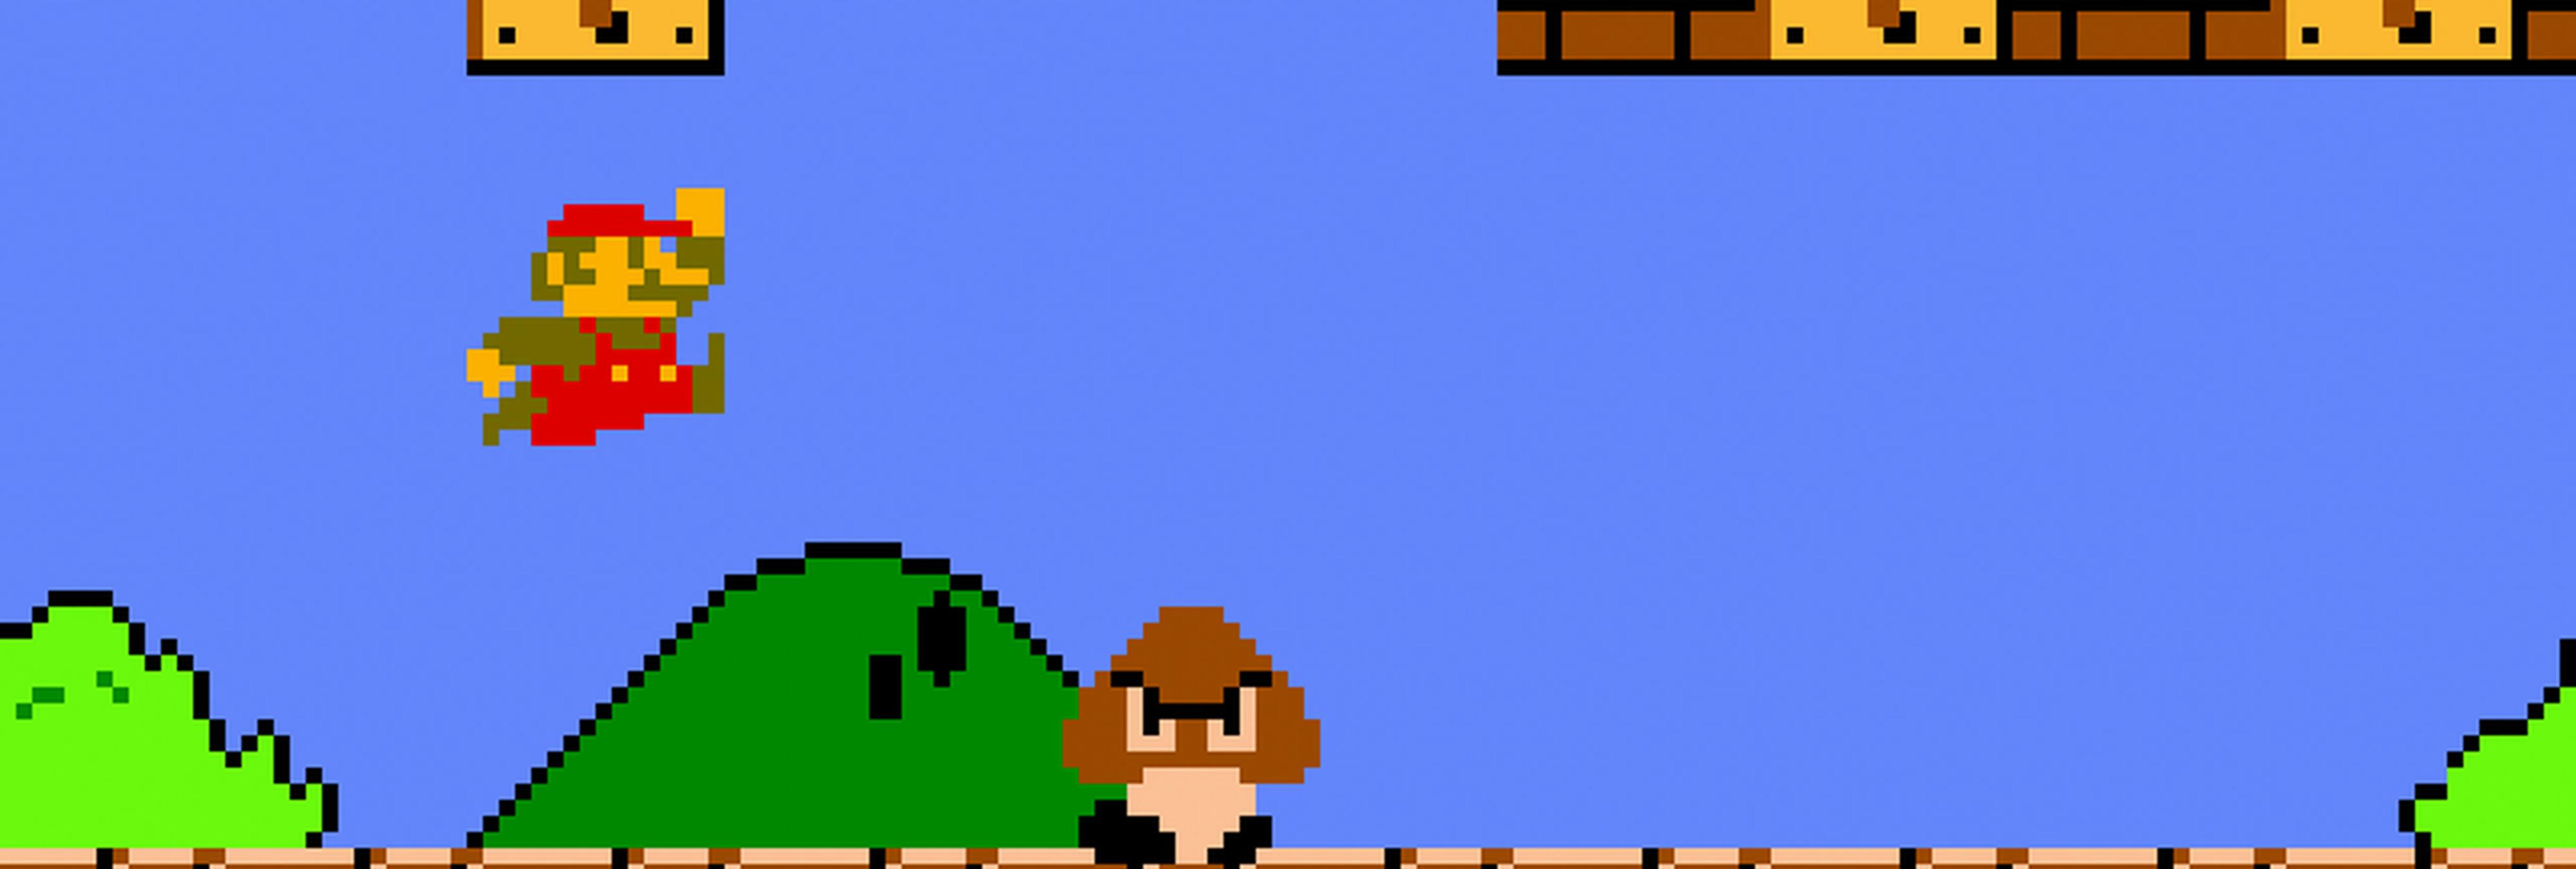 El mundo del videojuego es machista, sí. Pero... ¿Por qué?